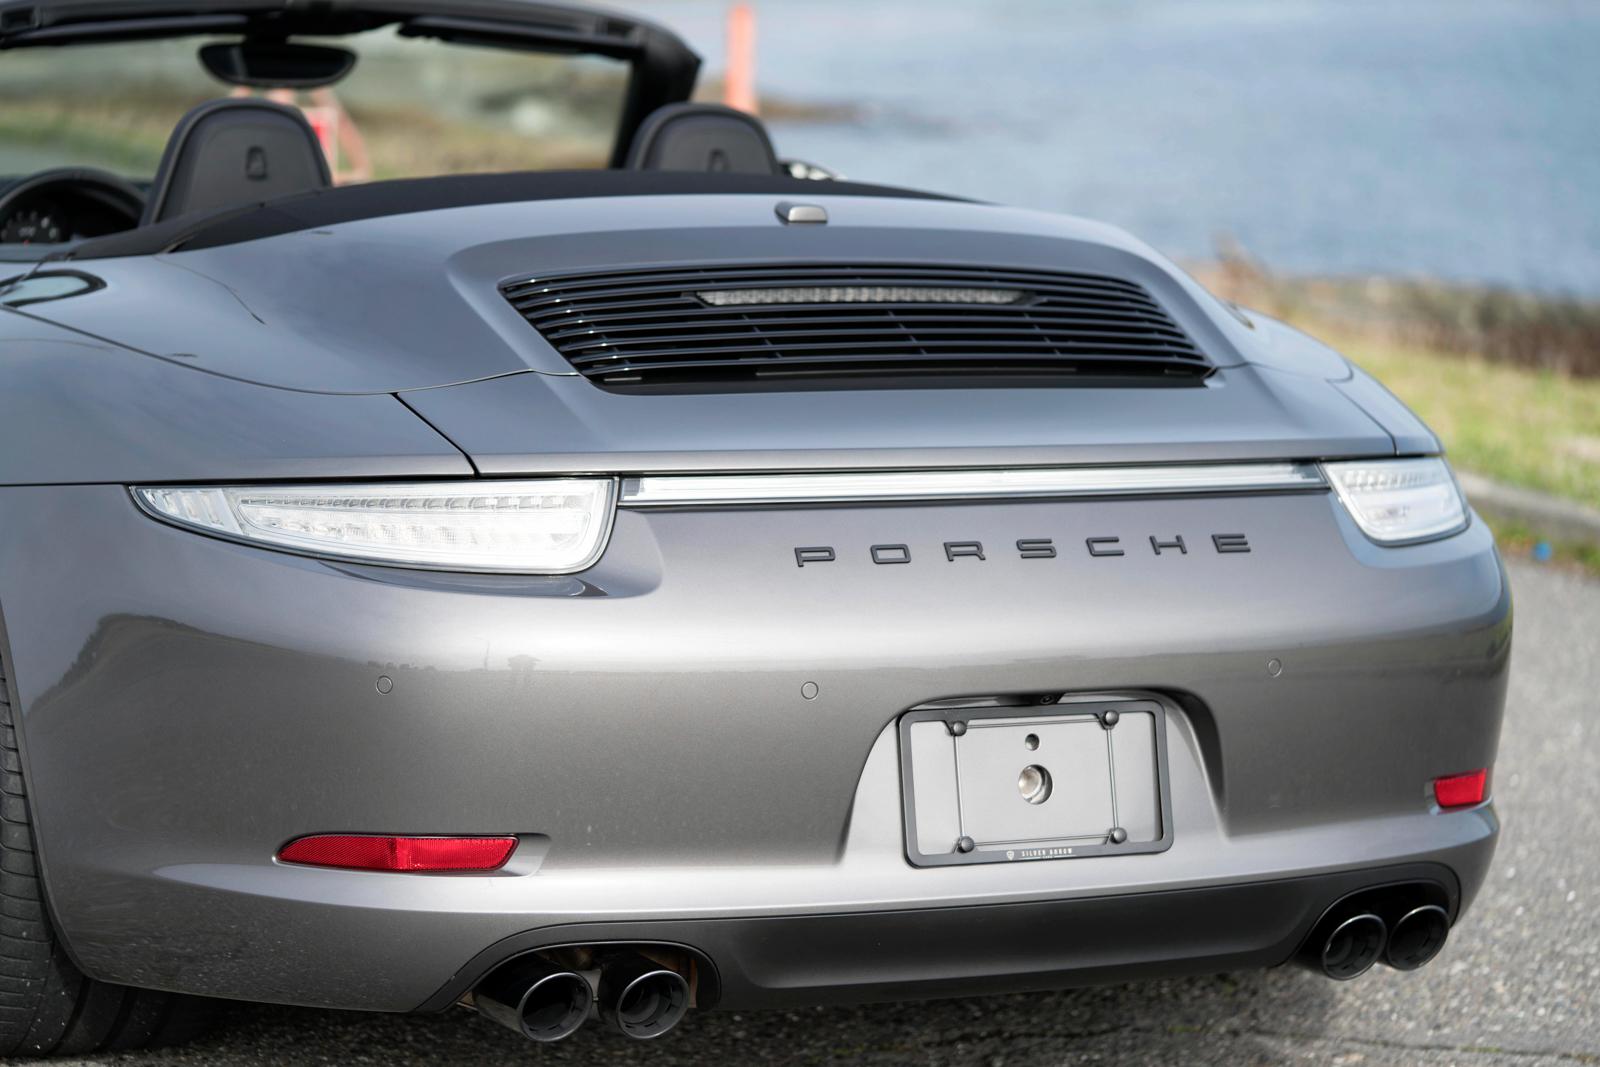 2015 porsche 911 carrera 4 gts cabriolet pdk silver arrow cars ltd. Black Bedroom Furniture Sets. Home Design Ideas